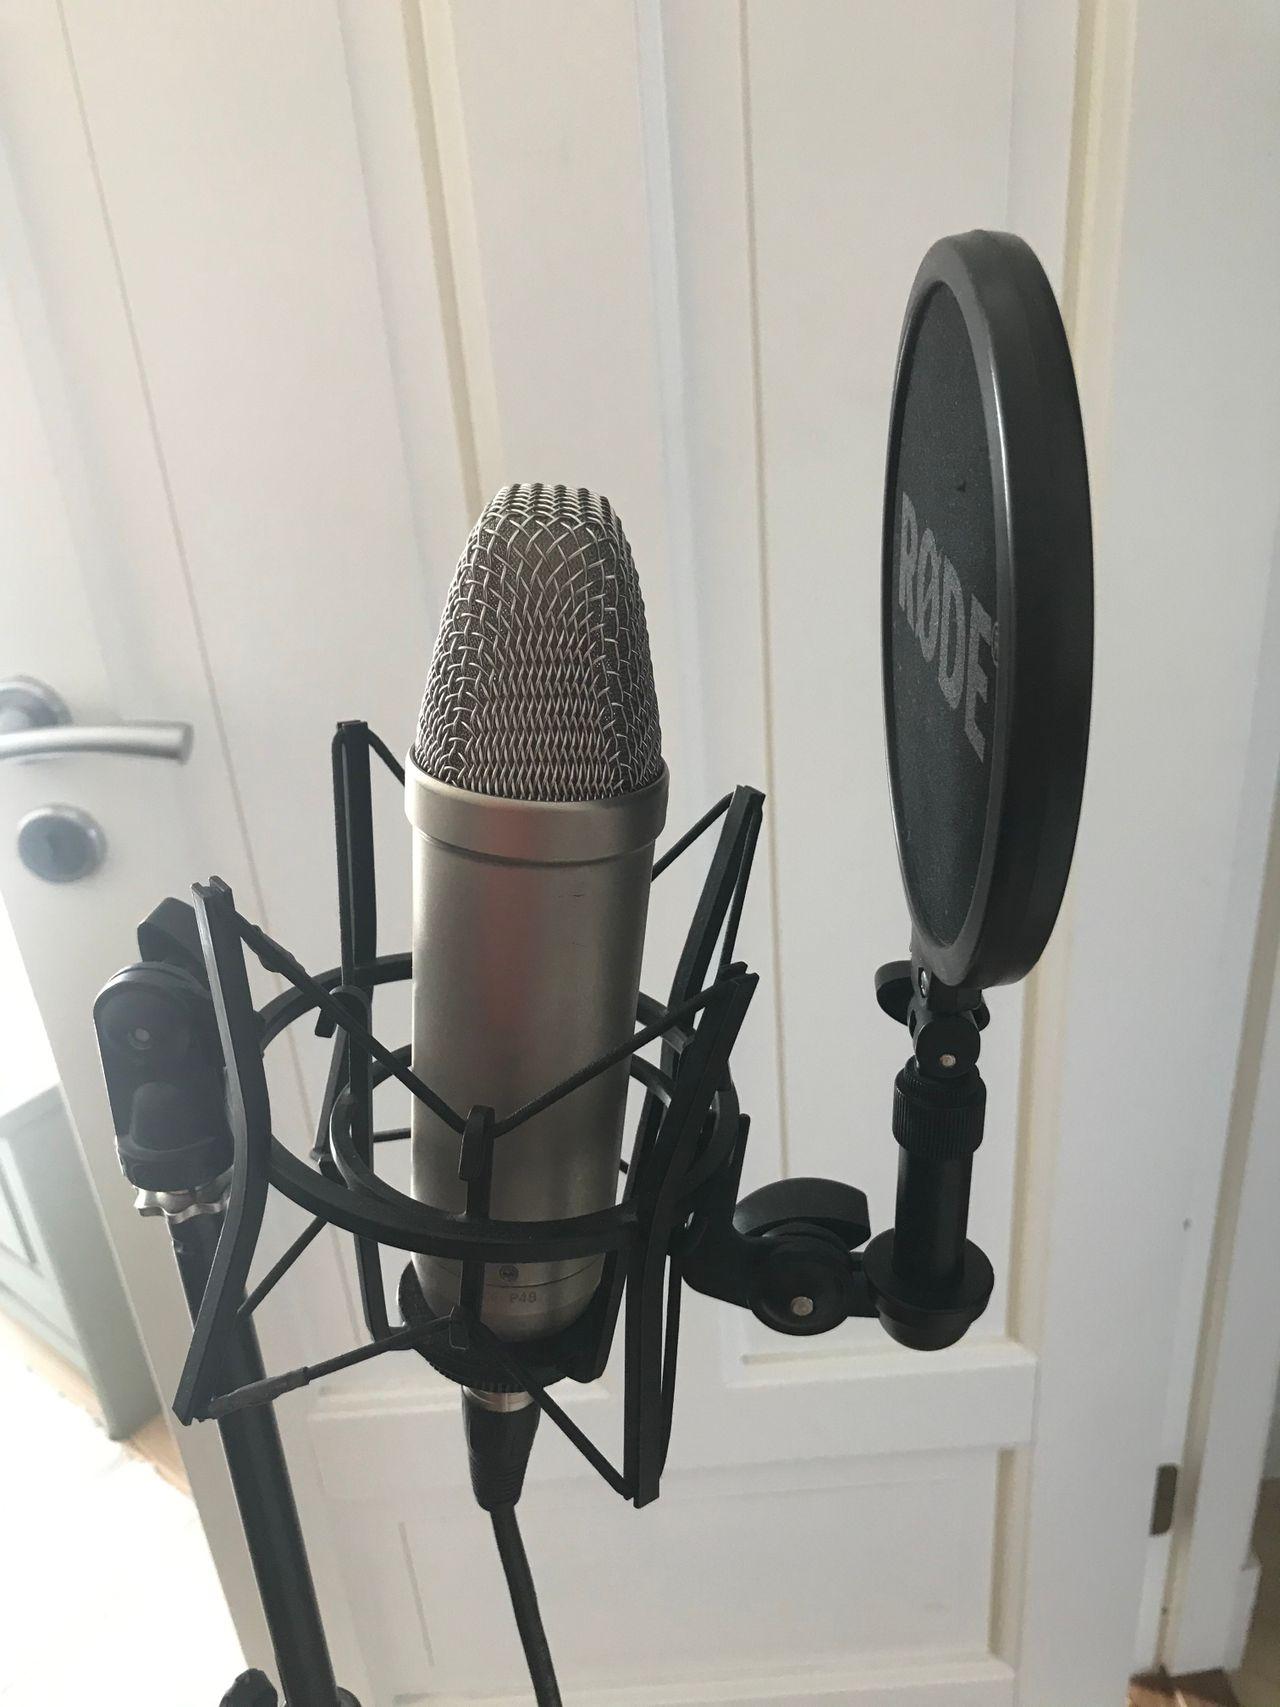 Billig mikrofon med Kjøpe, selge og utveksle annonser de